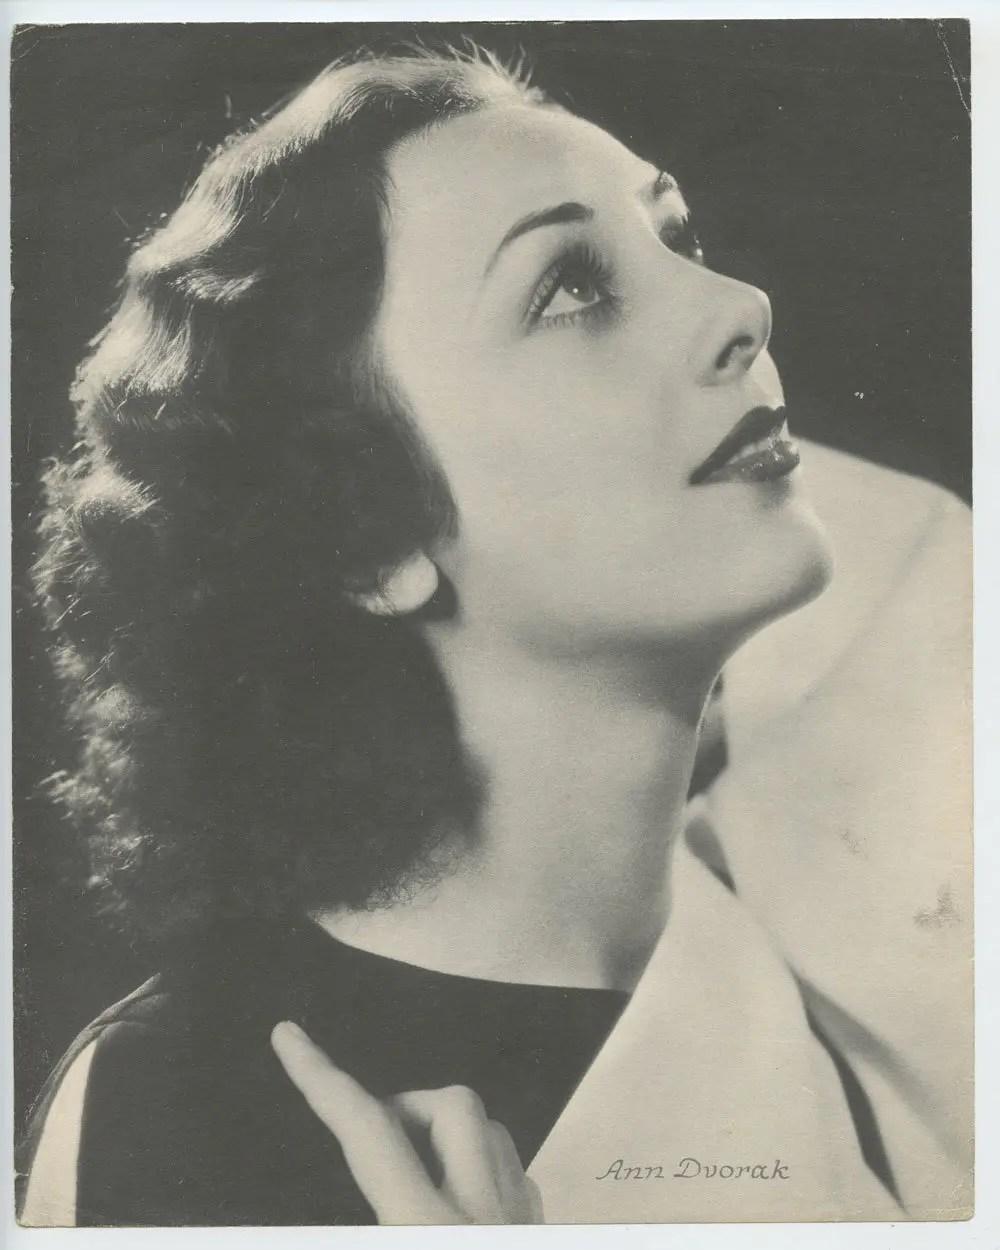 Ann Dvorak Photo Print 1930s Publicity Portrait